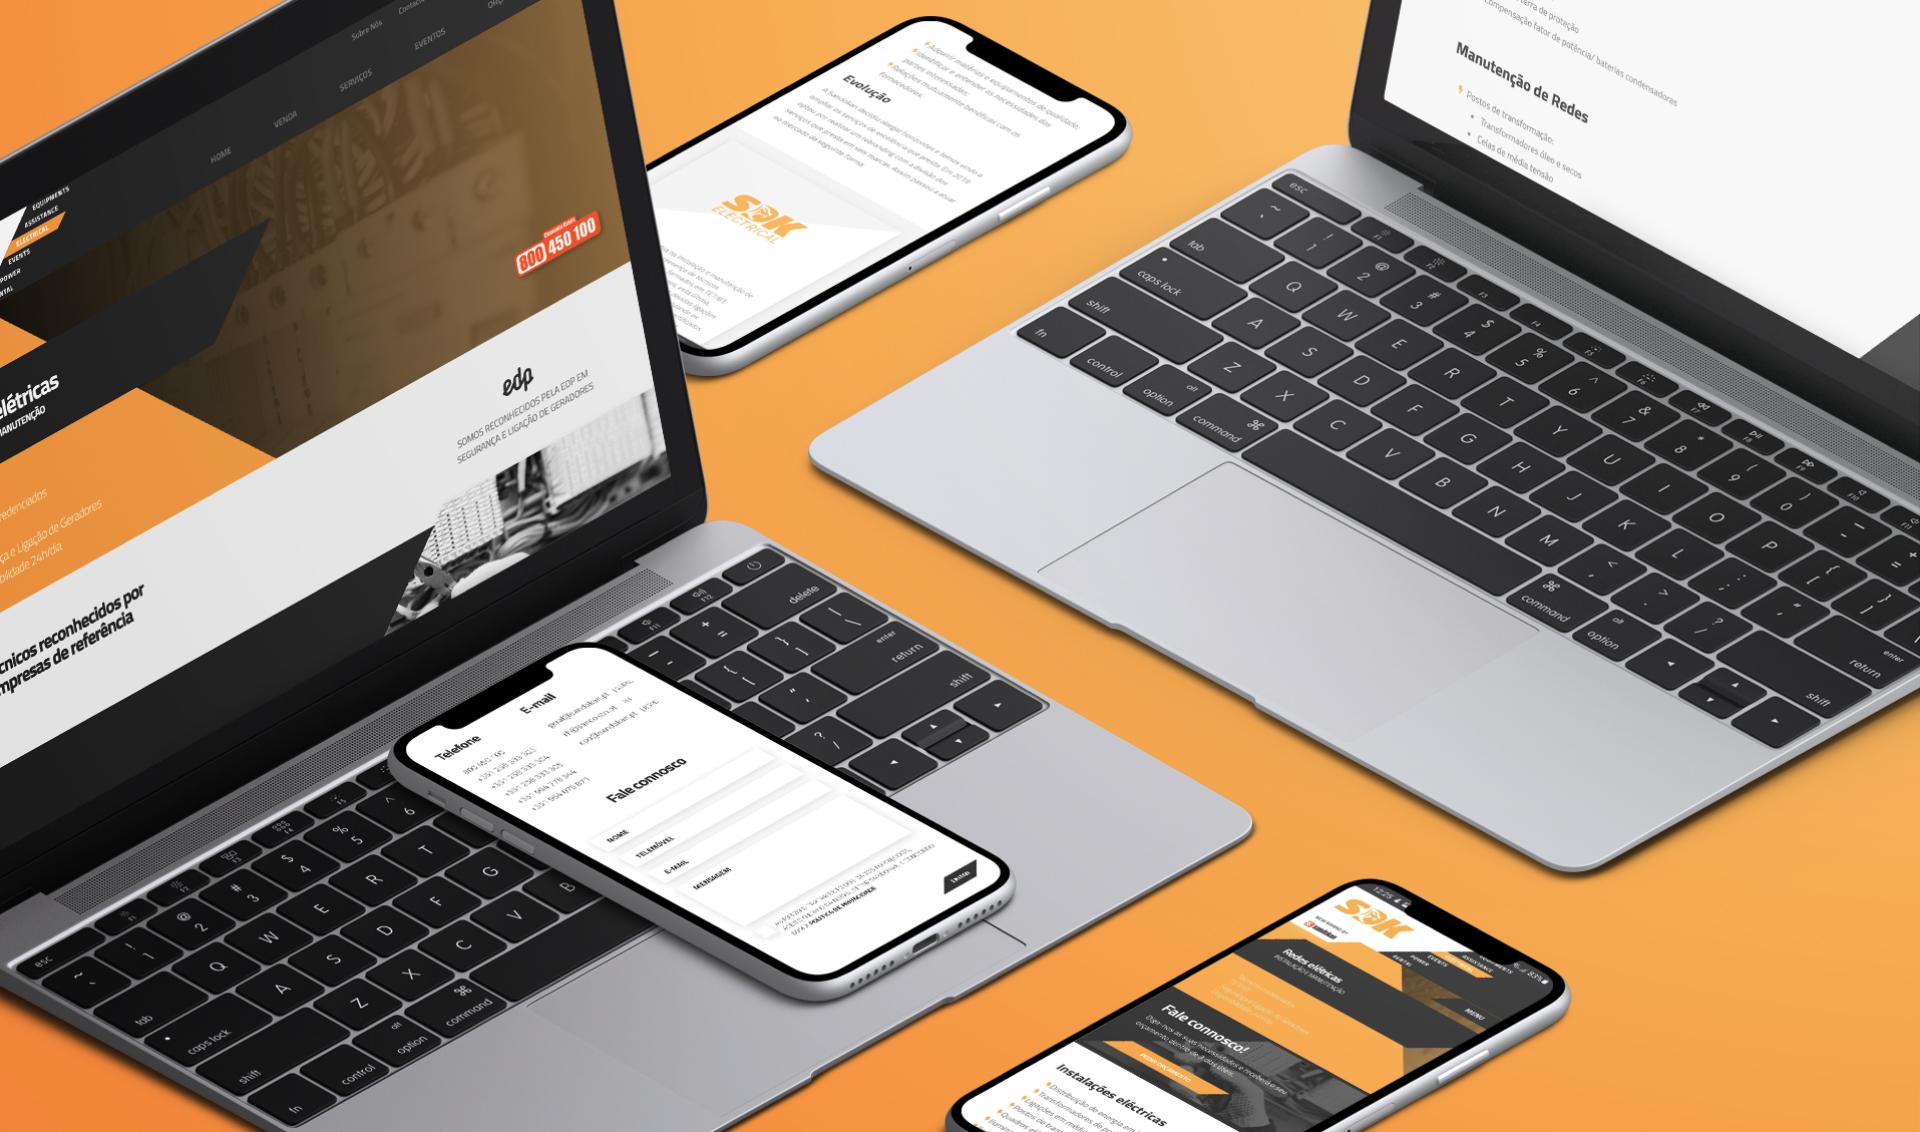 Website Sandokan em vários dispositivos